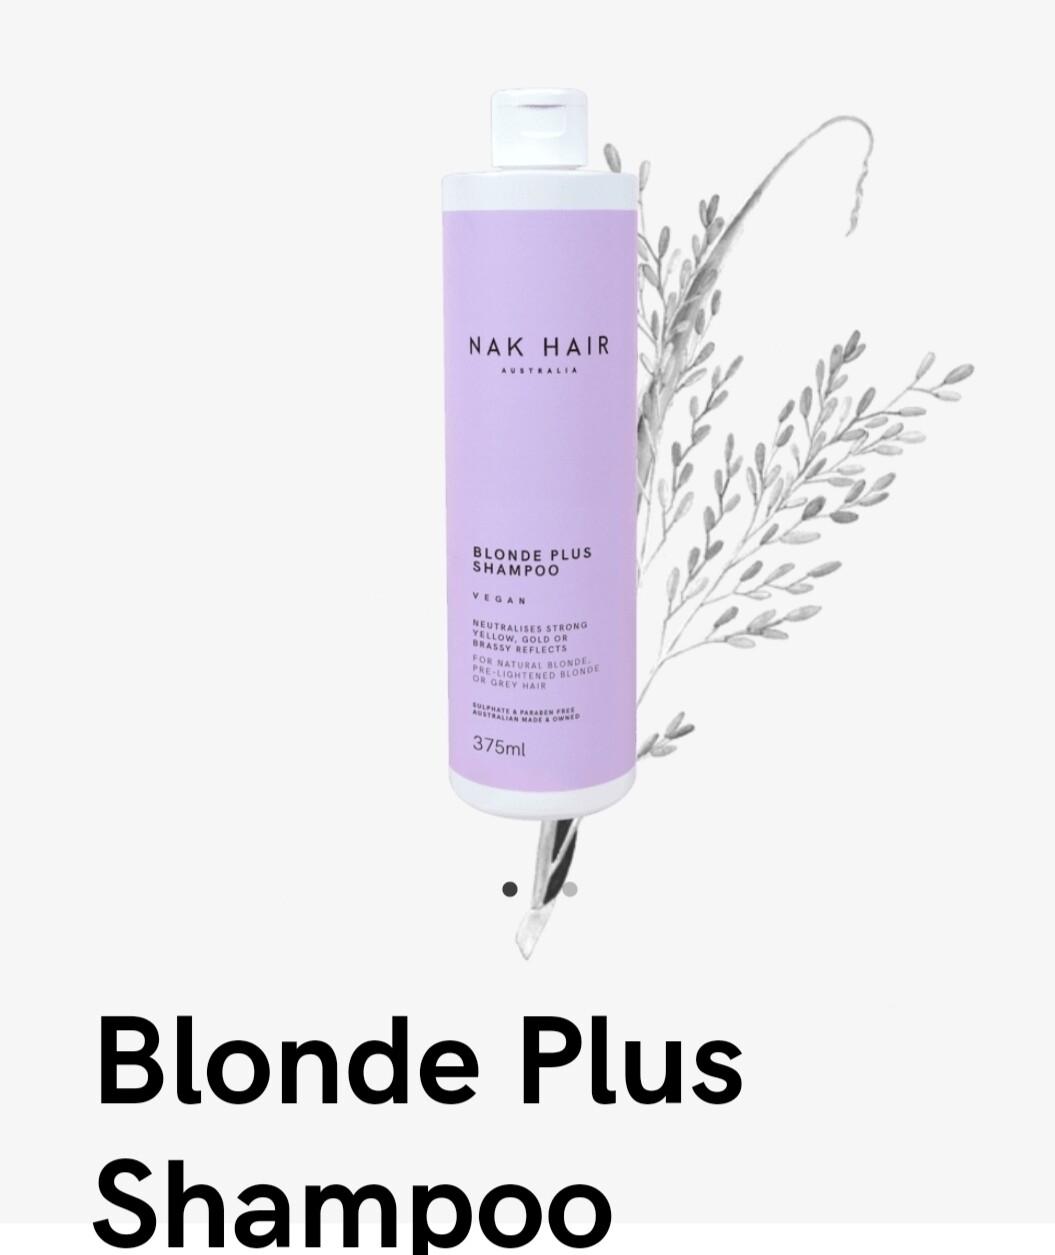 Nak Hair Blonde Plus Shampoo 375mL